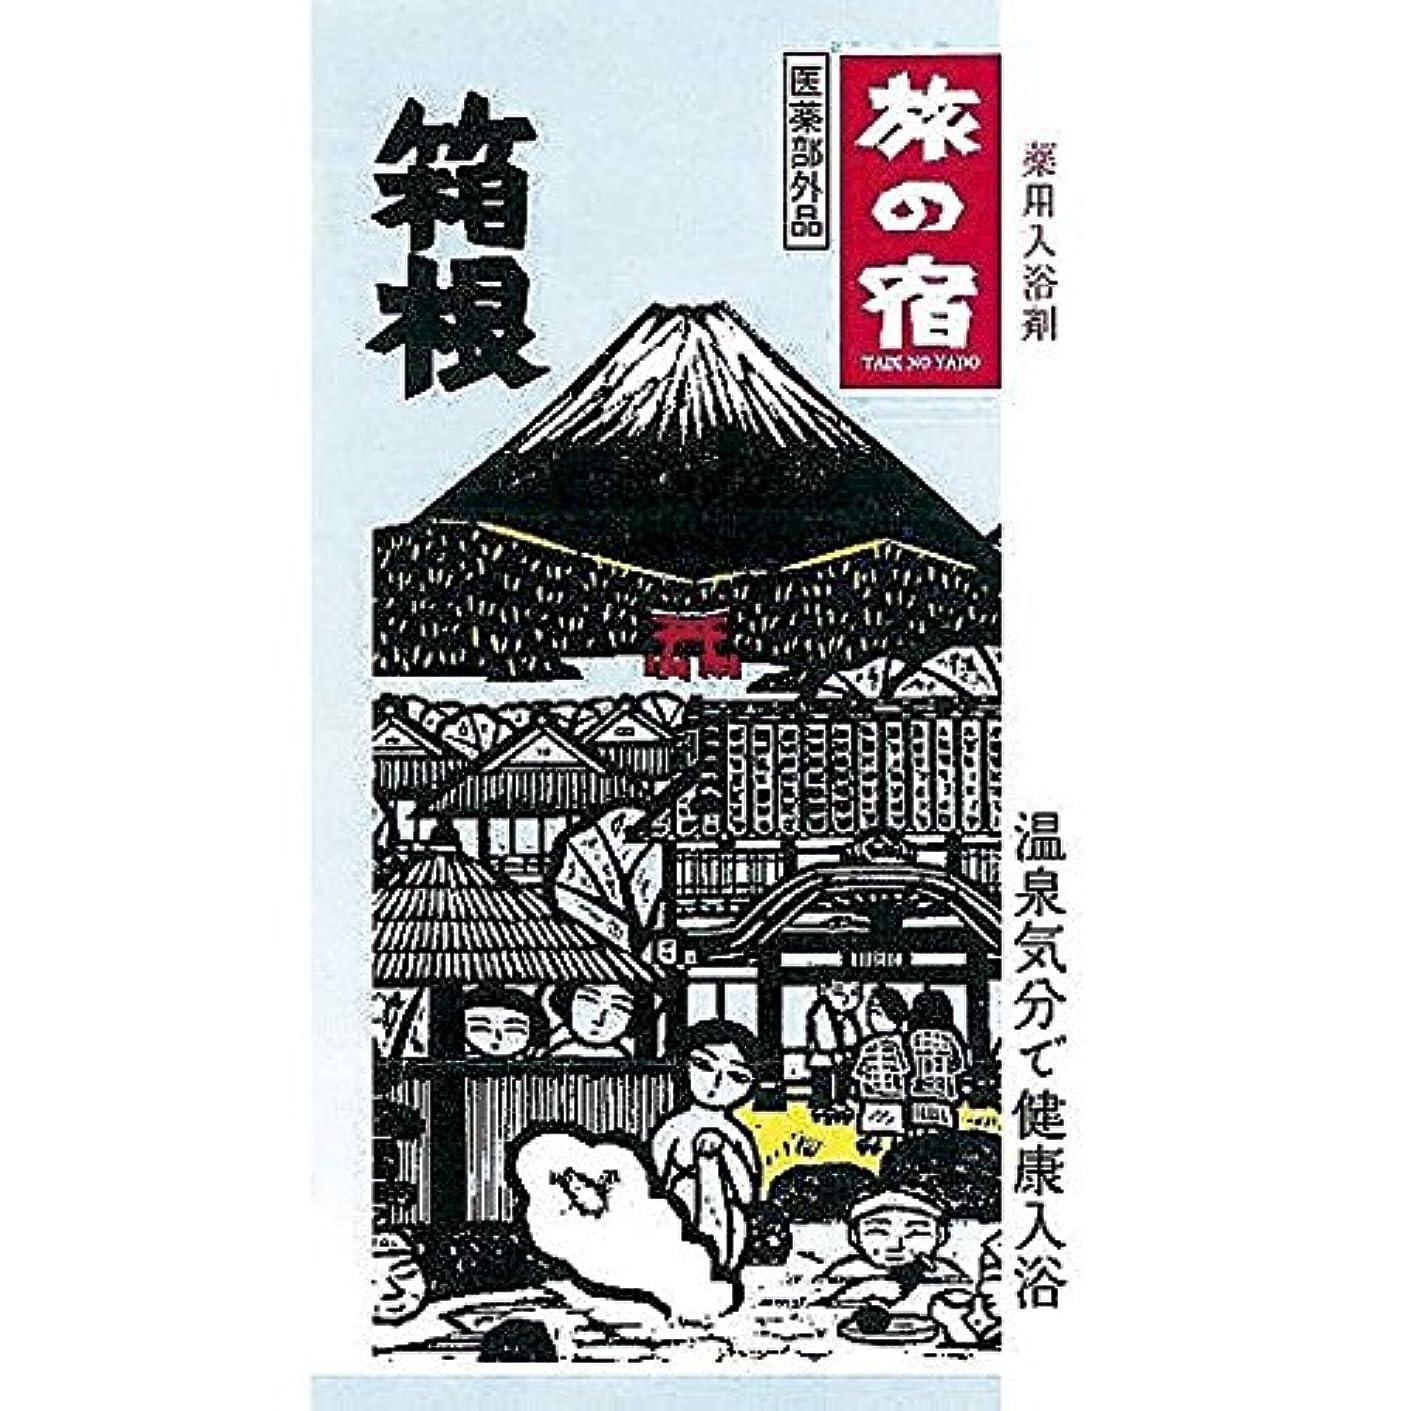 させるシャツピーブクラシエ 旅の宿 分包(1P) 箱根 80686 (B525-06)